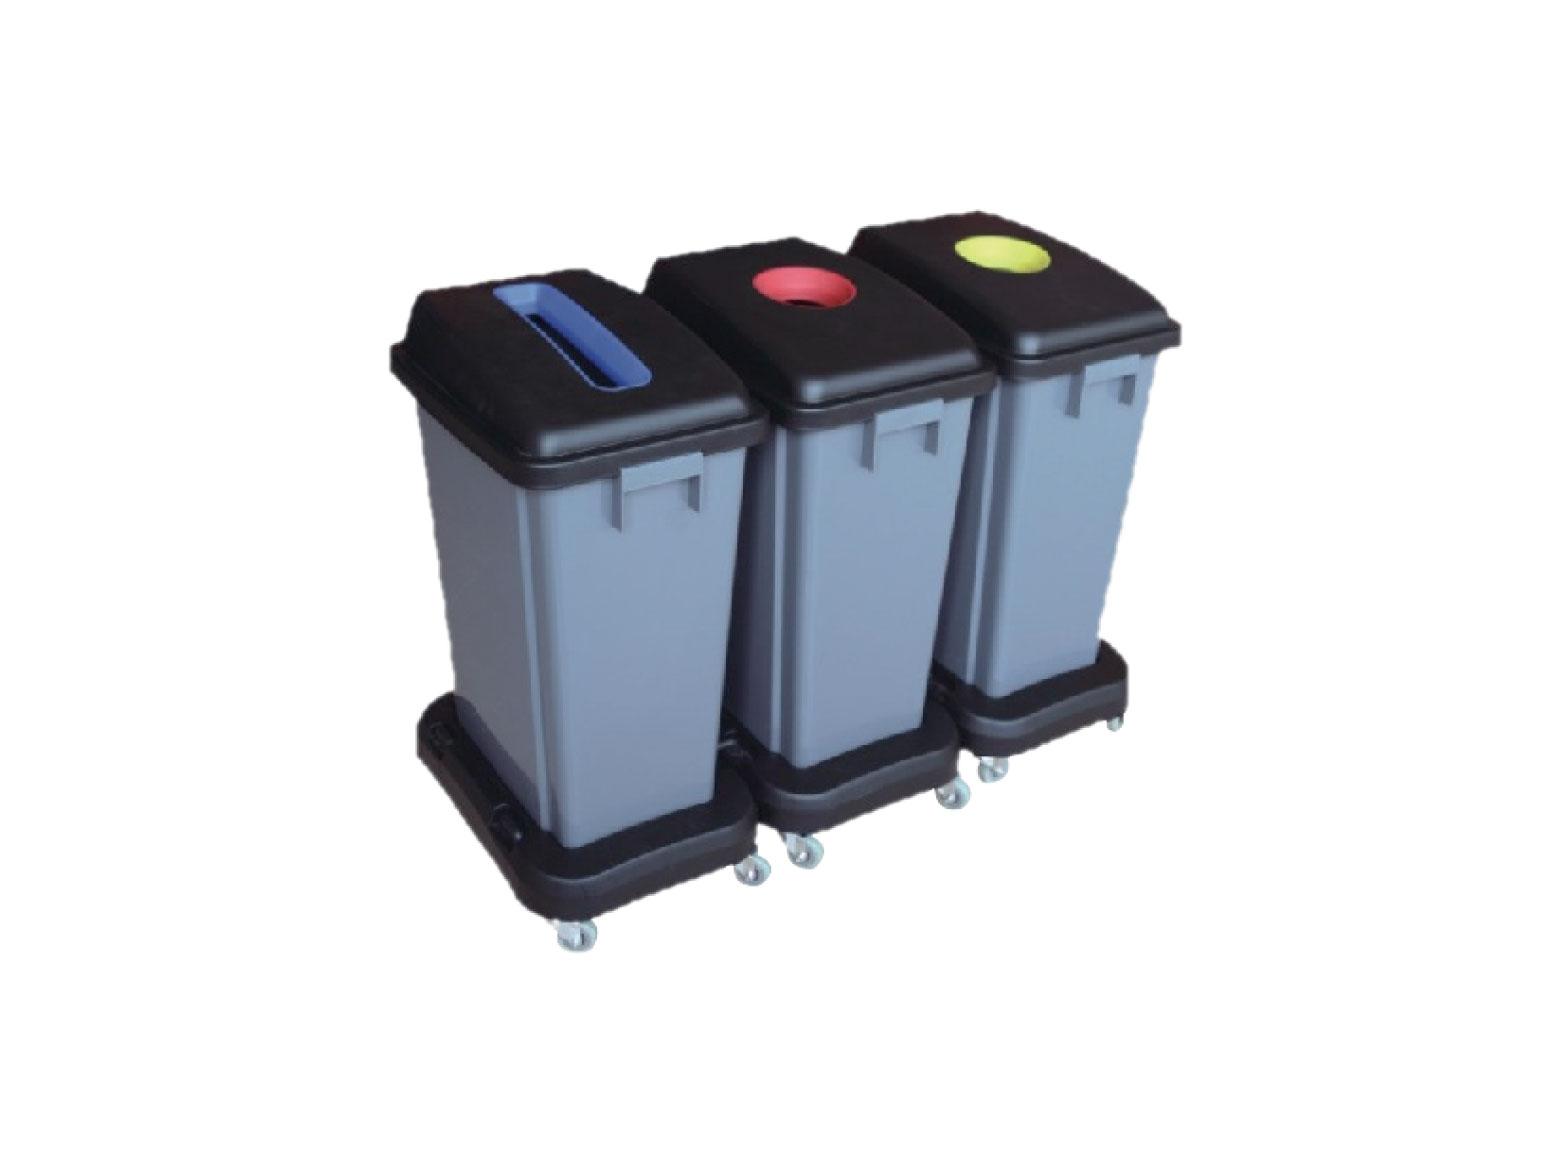 Waste classification plastic bin with wheel